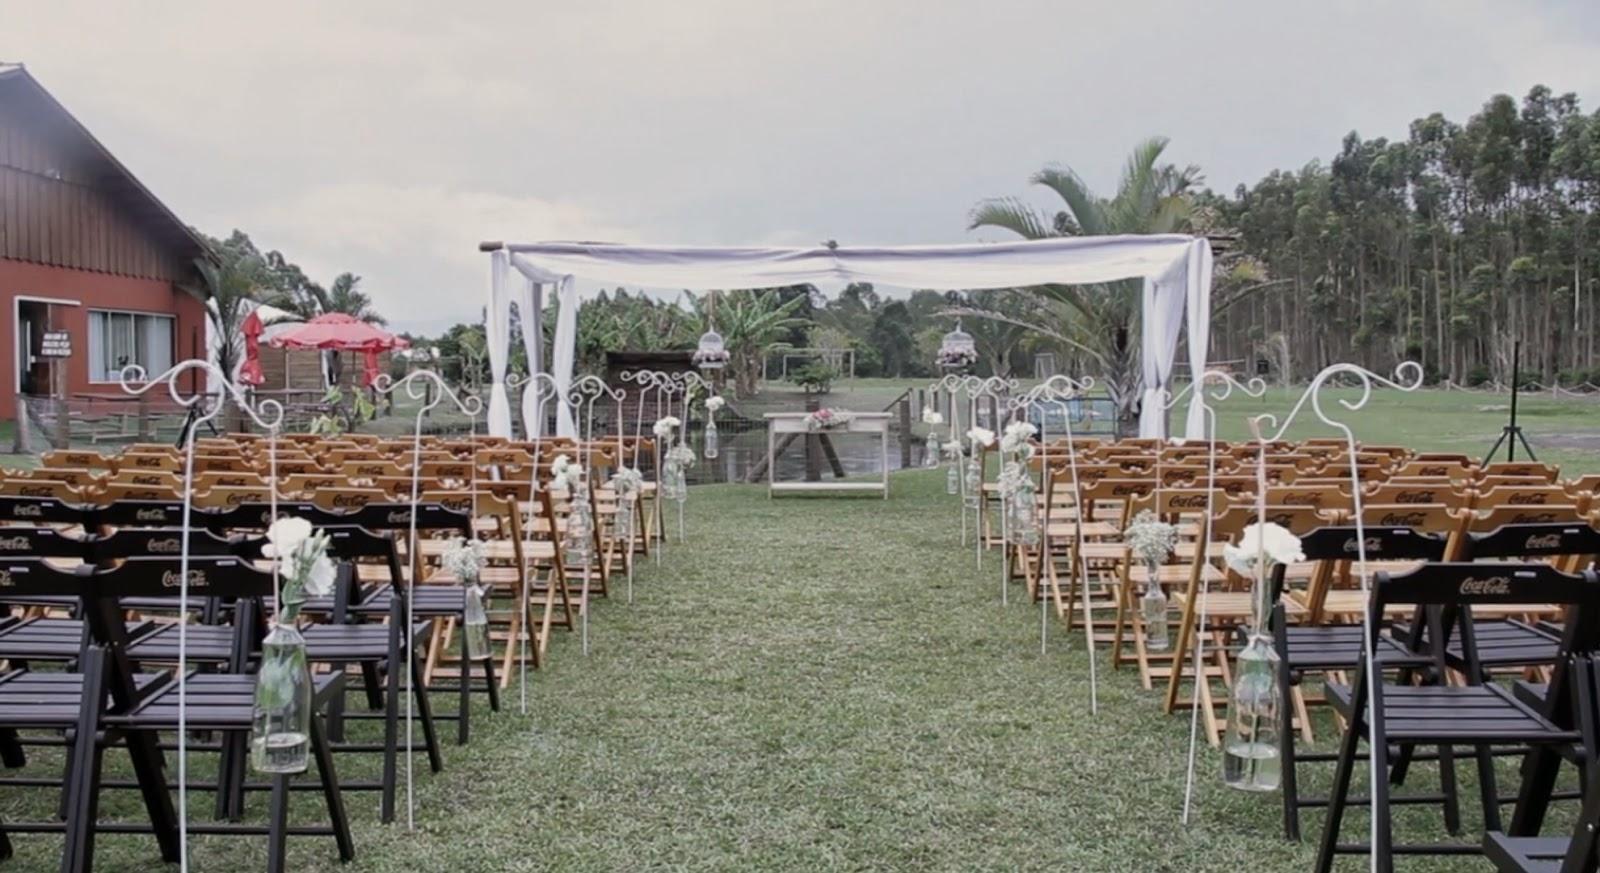 casamento jardins eventos porto alegre:http www acqualokos com br hotel eventos # eventos